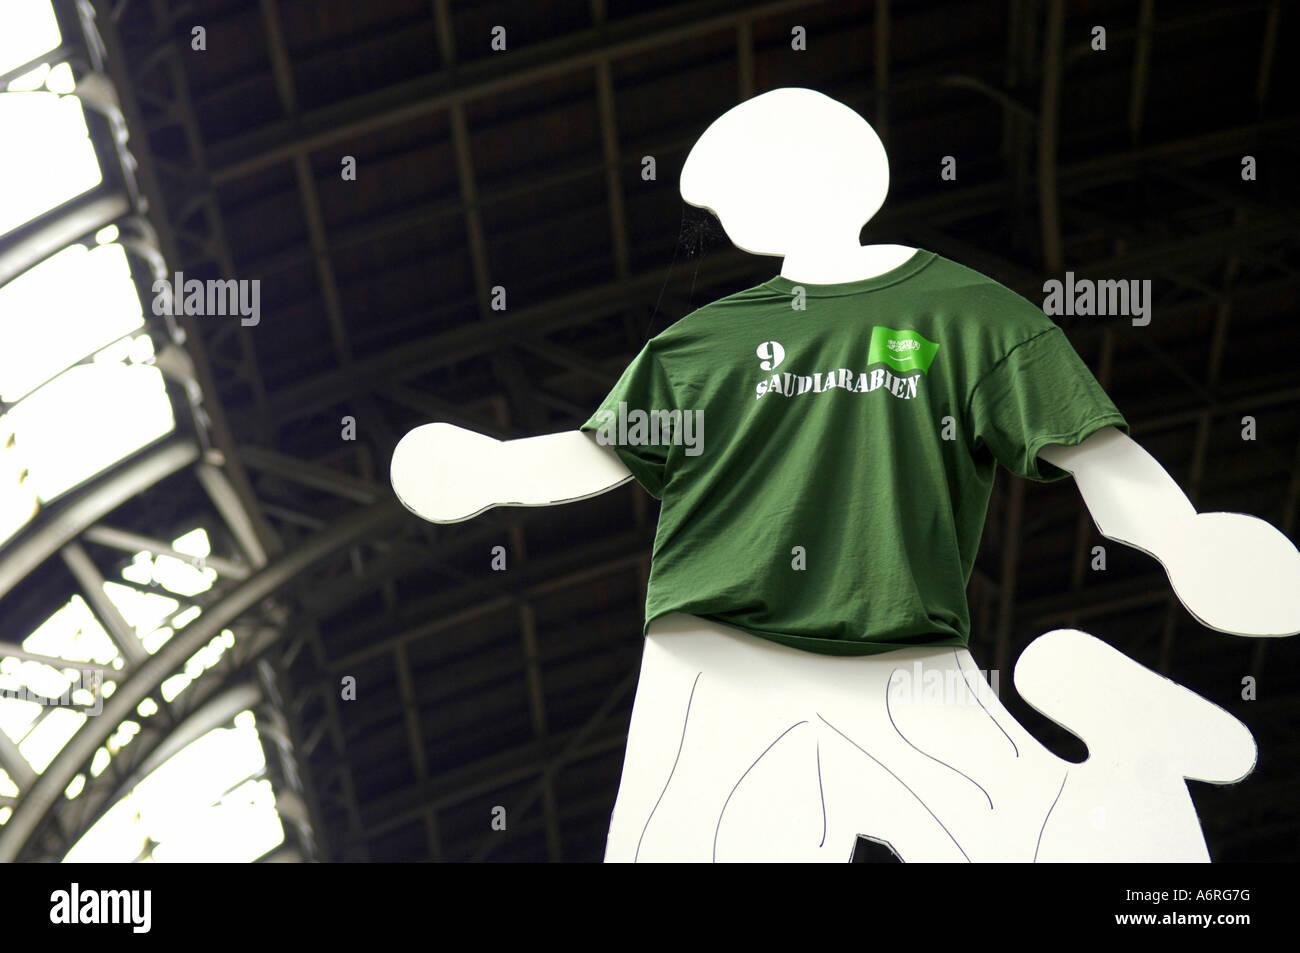 La figura Amburgo stazione ferroviaria Bahnhof convoglio ferroviario deutschebahn DB calcio sport calcio tedesco Immagini Stock